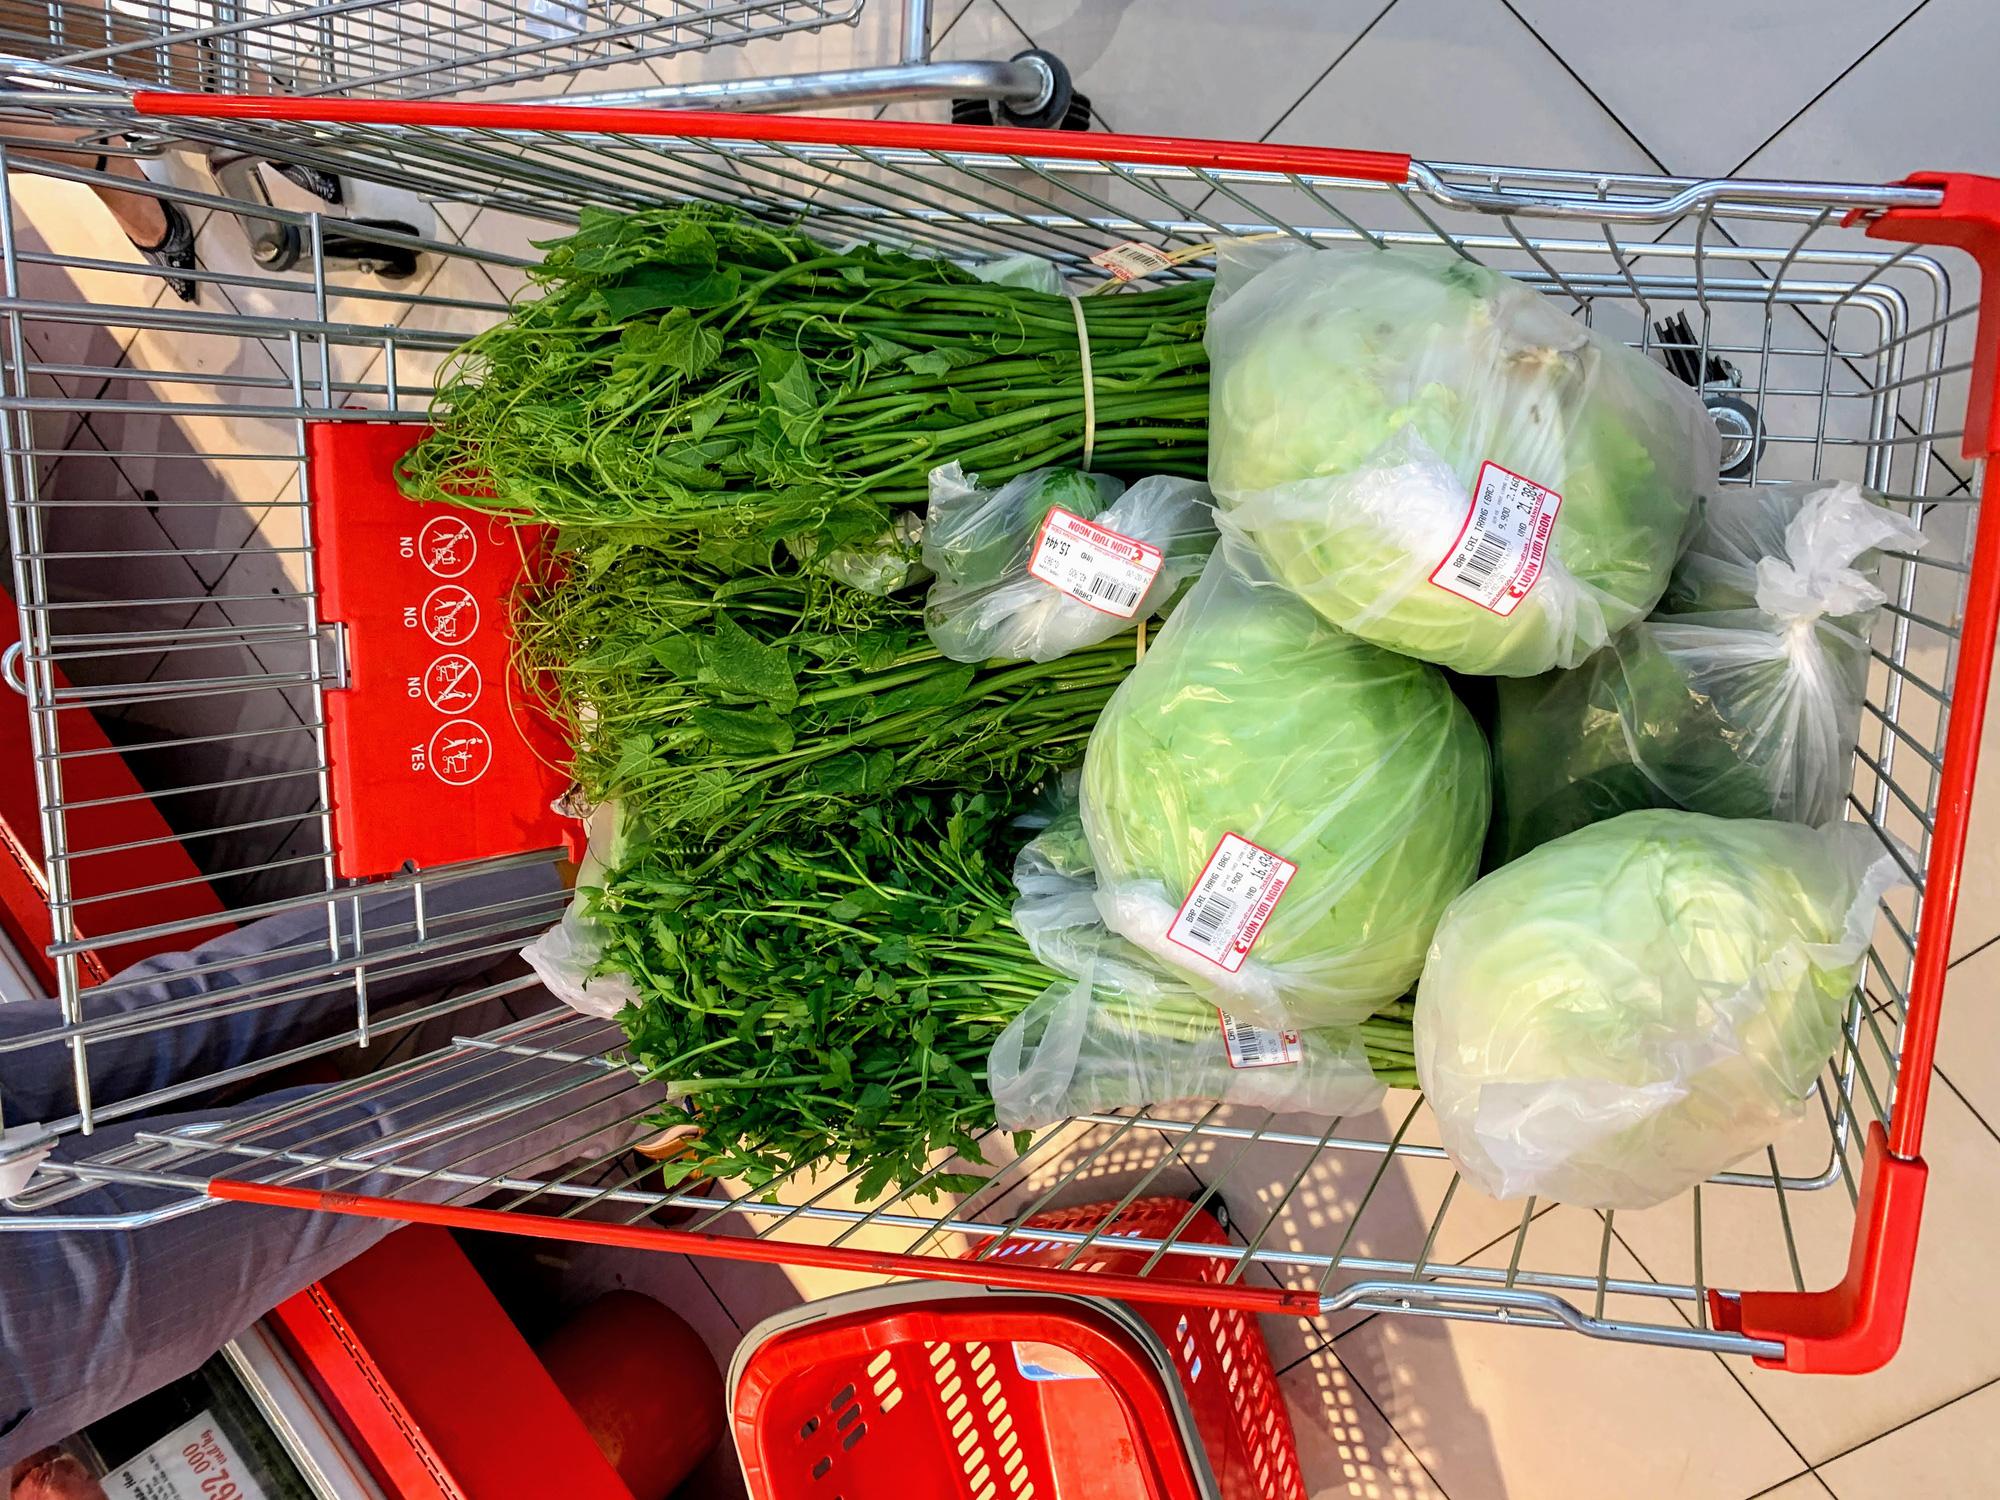 Hàng hoá trở lại đầy ắp trong siêu thị, người dân thảnh thơi mua sắm - Ảnh 8.